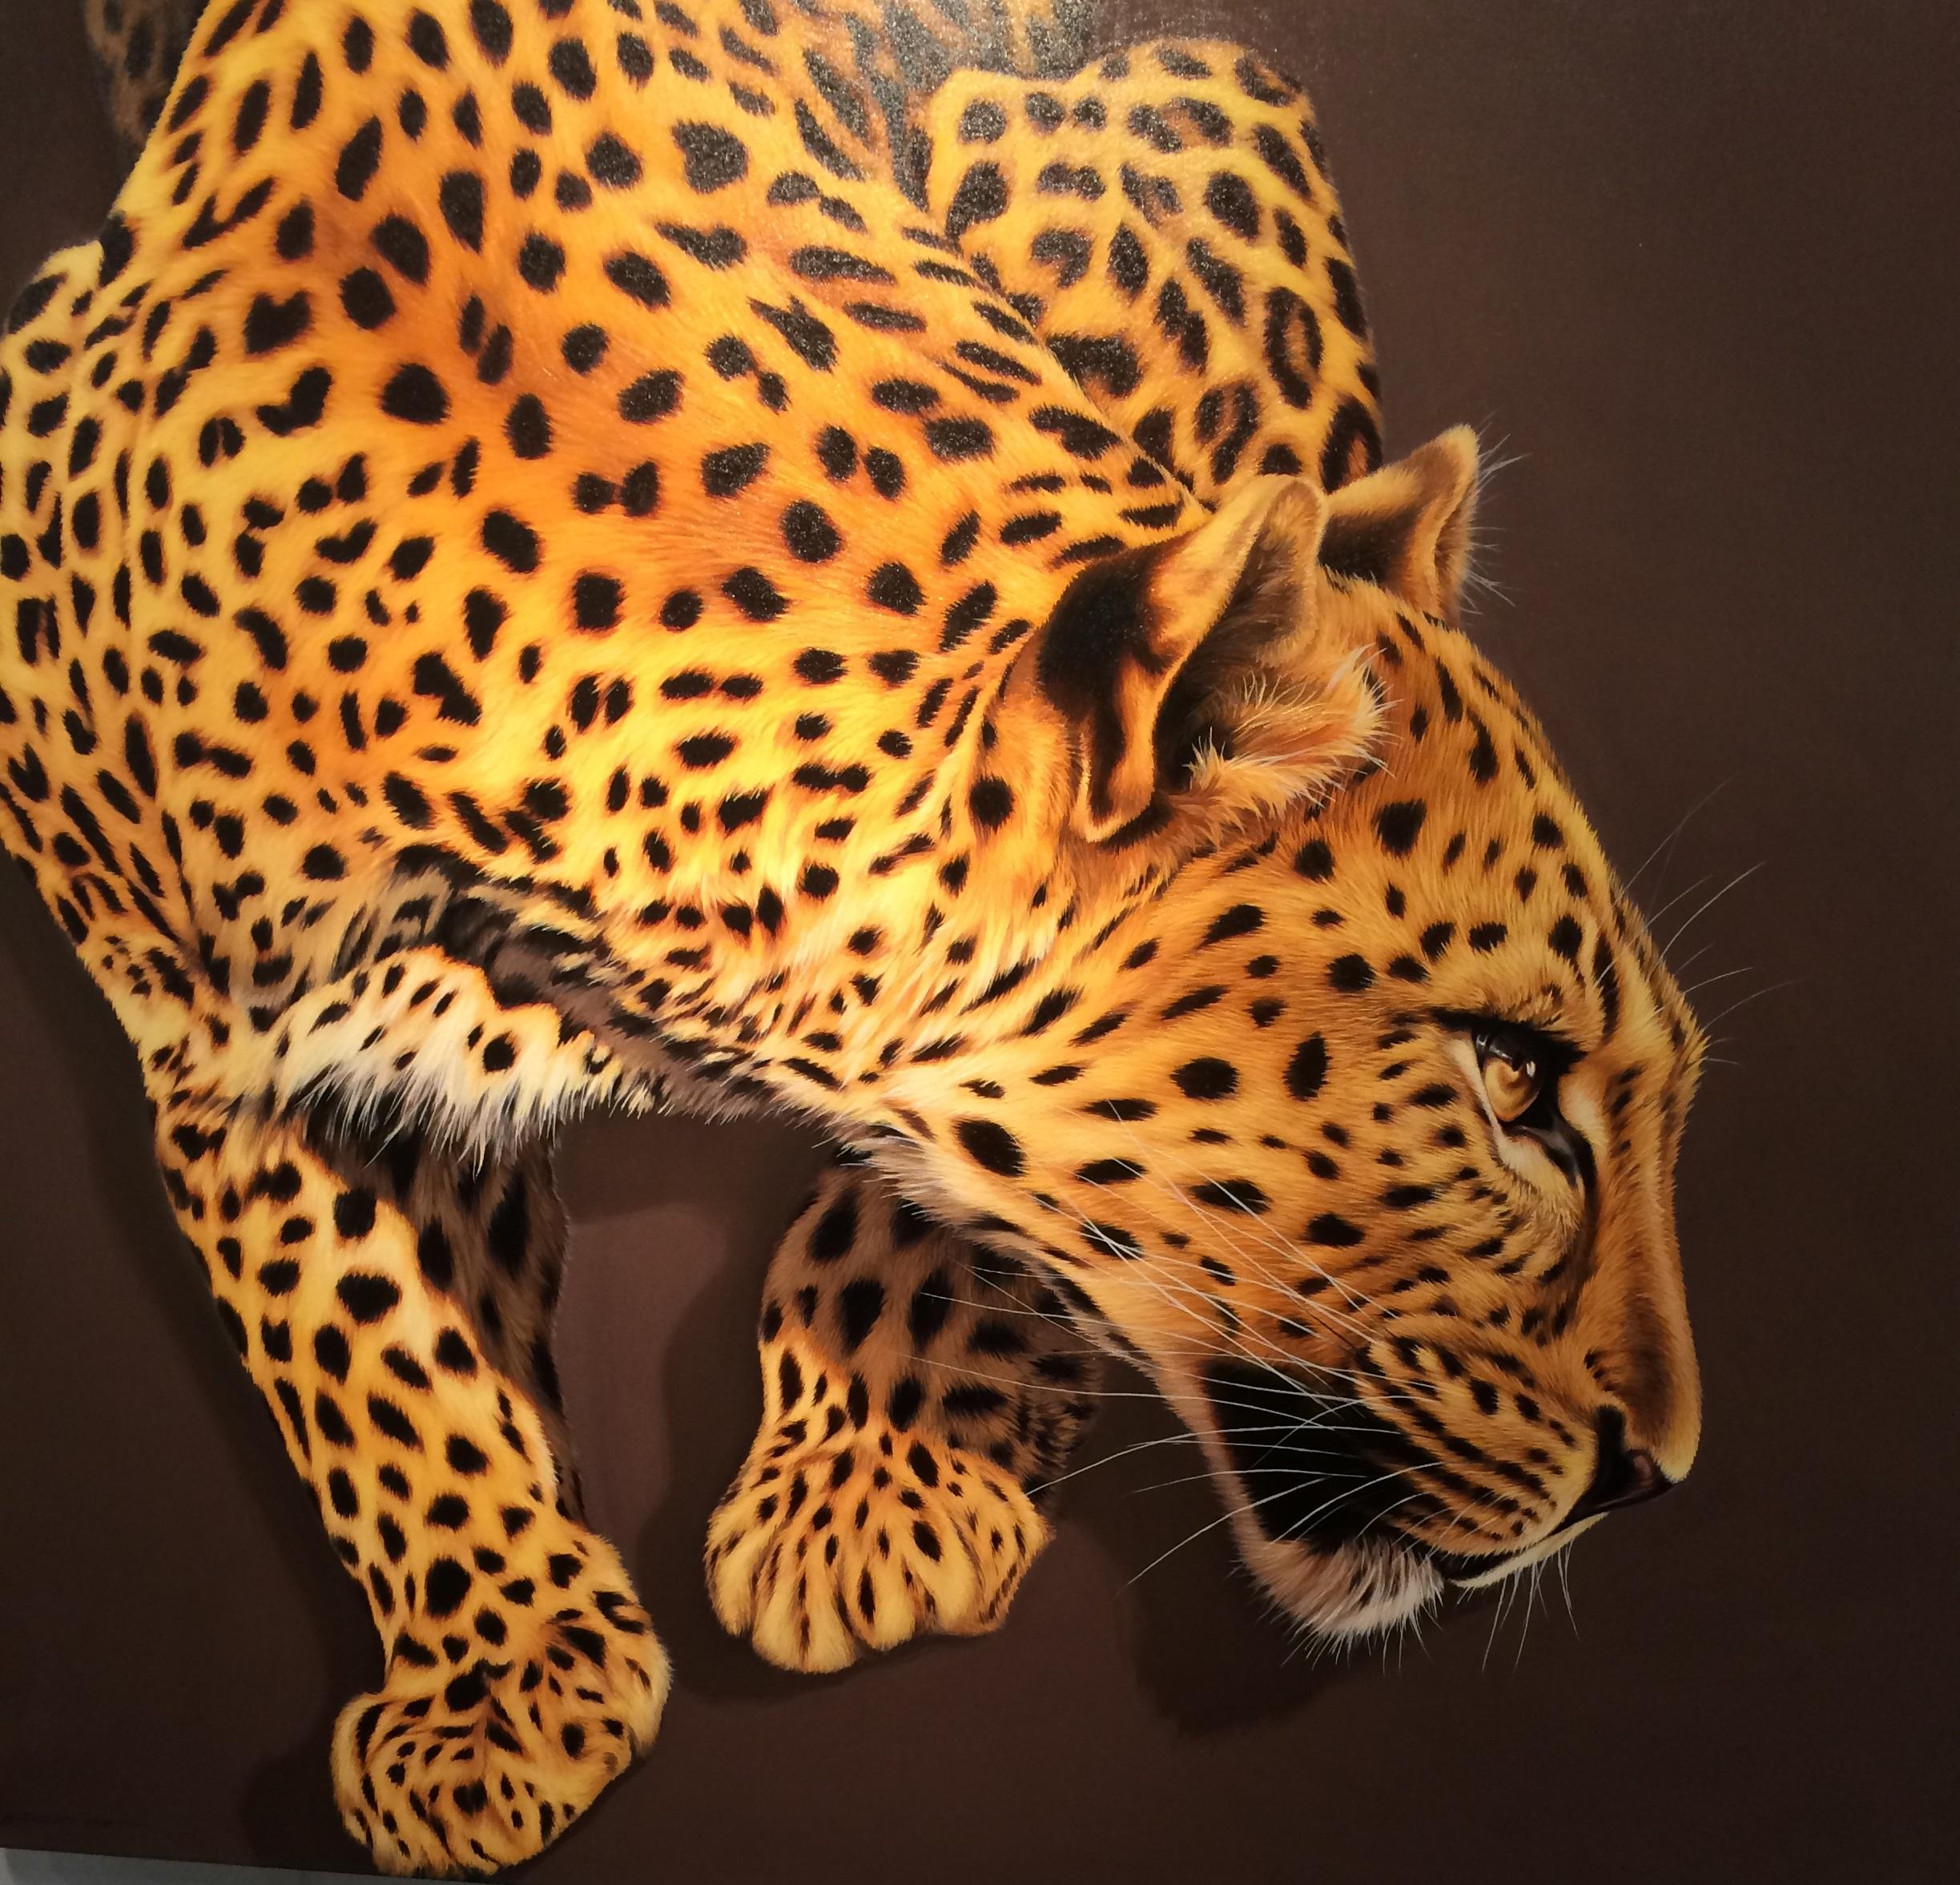 afforable art fair big cat